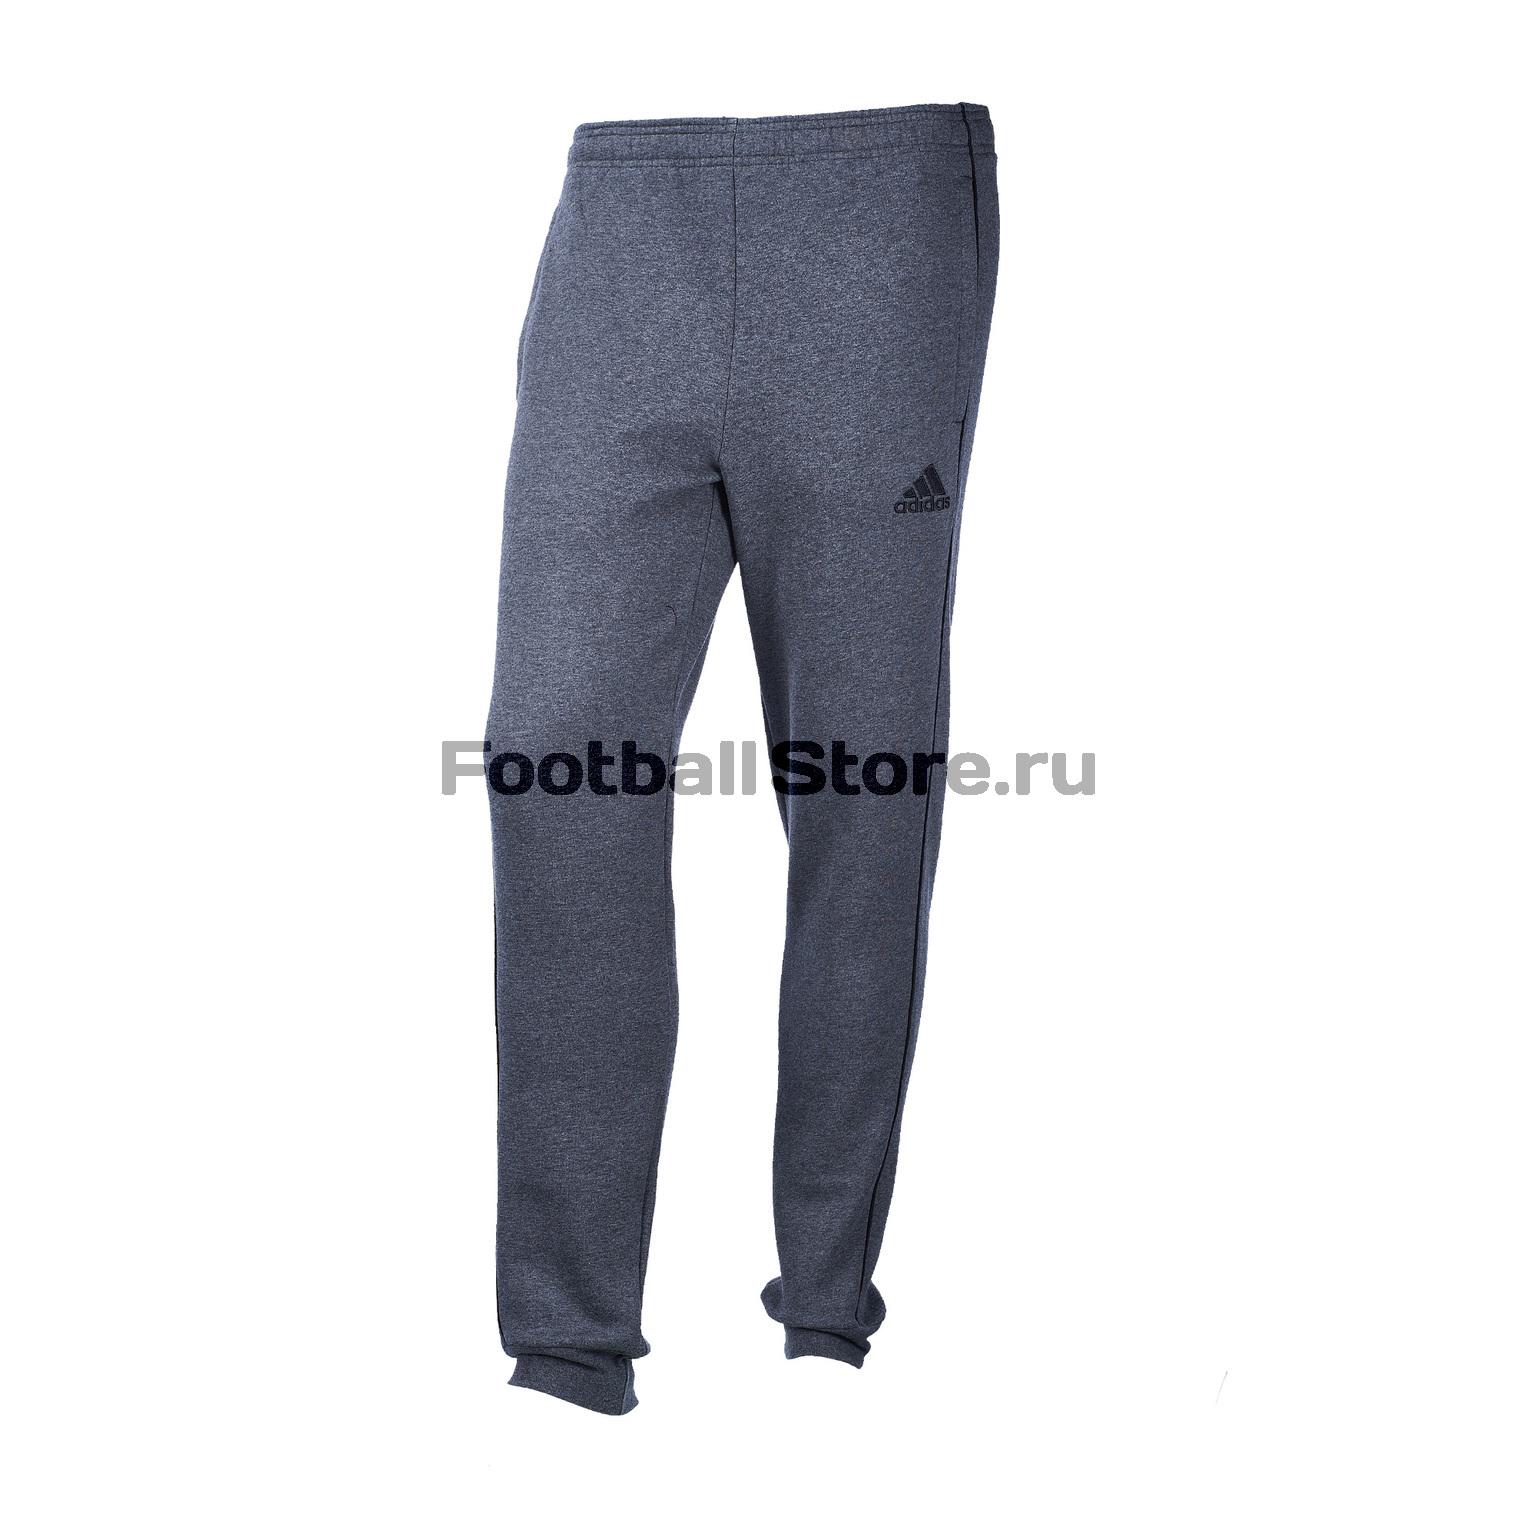 Брюки тренировочные Adidas Core18 SW Pnt CV3752 брюки adidas брюки тренировочные adidas tiro17 wov pnt bq2793